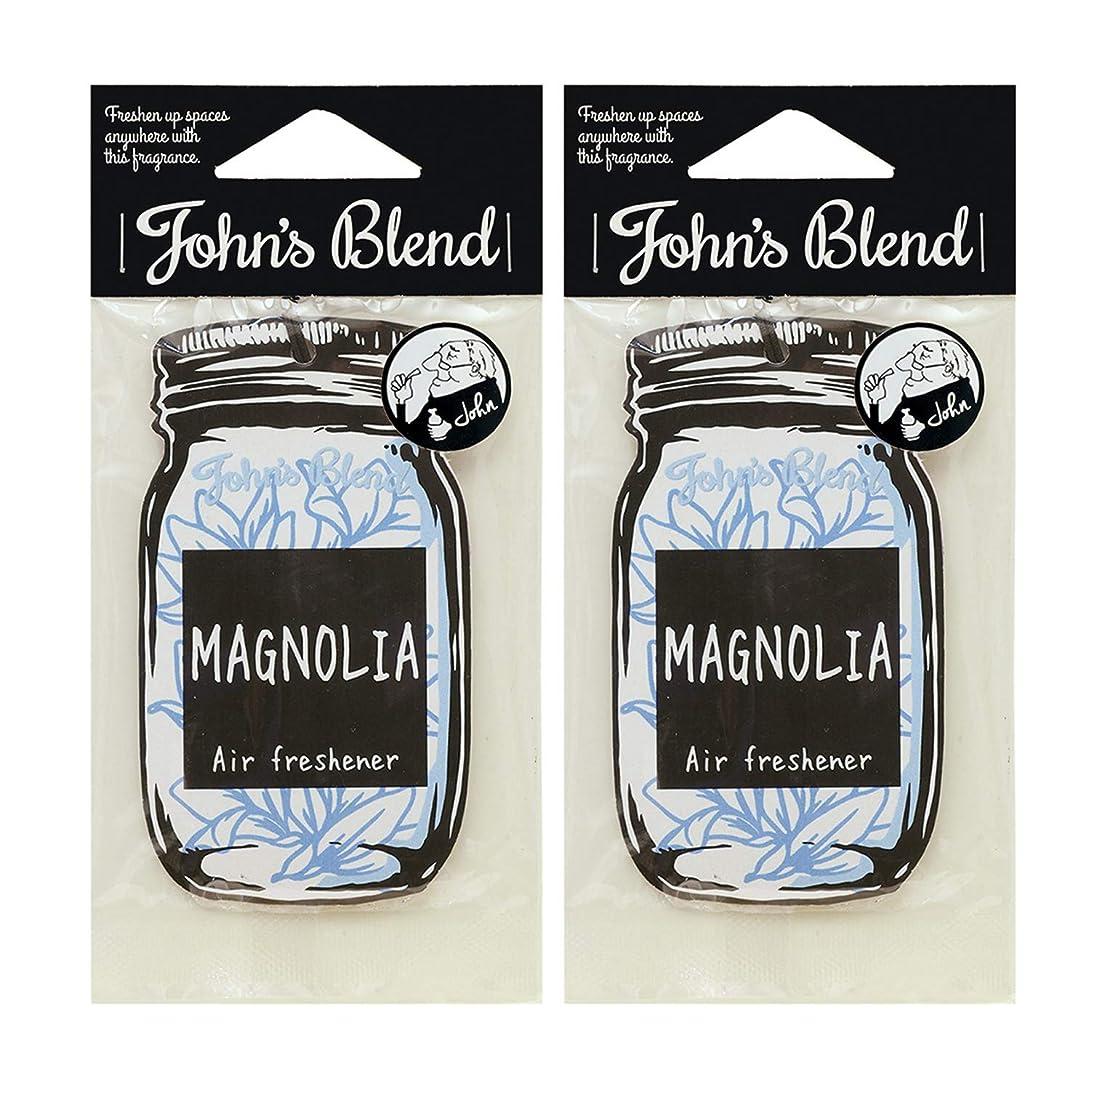 創造ミュウミュウ考えるノルコーポレーション John's Blend ルームフレグランス エアーフレッシュナー OA-JON-1-7 マグノリアの香り セット 2枚セット